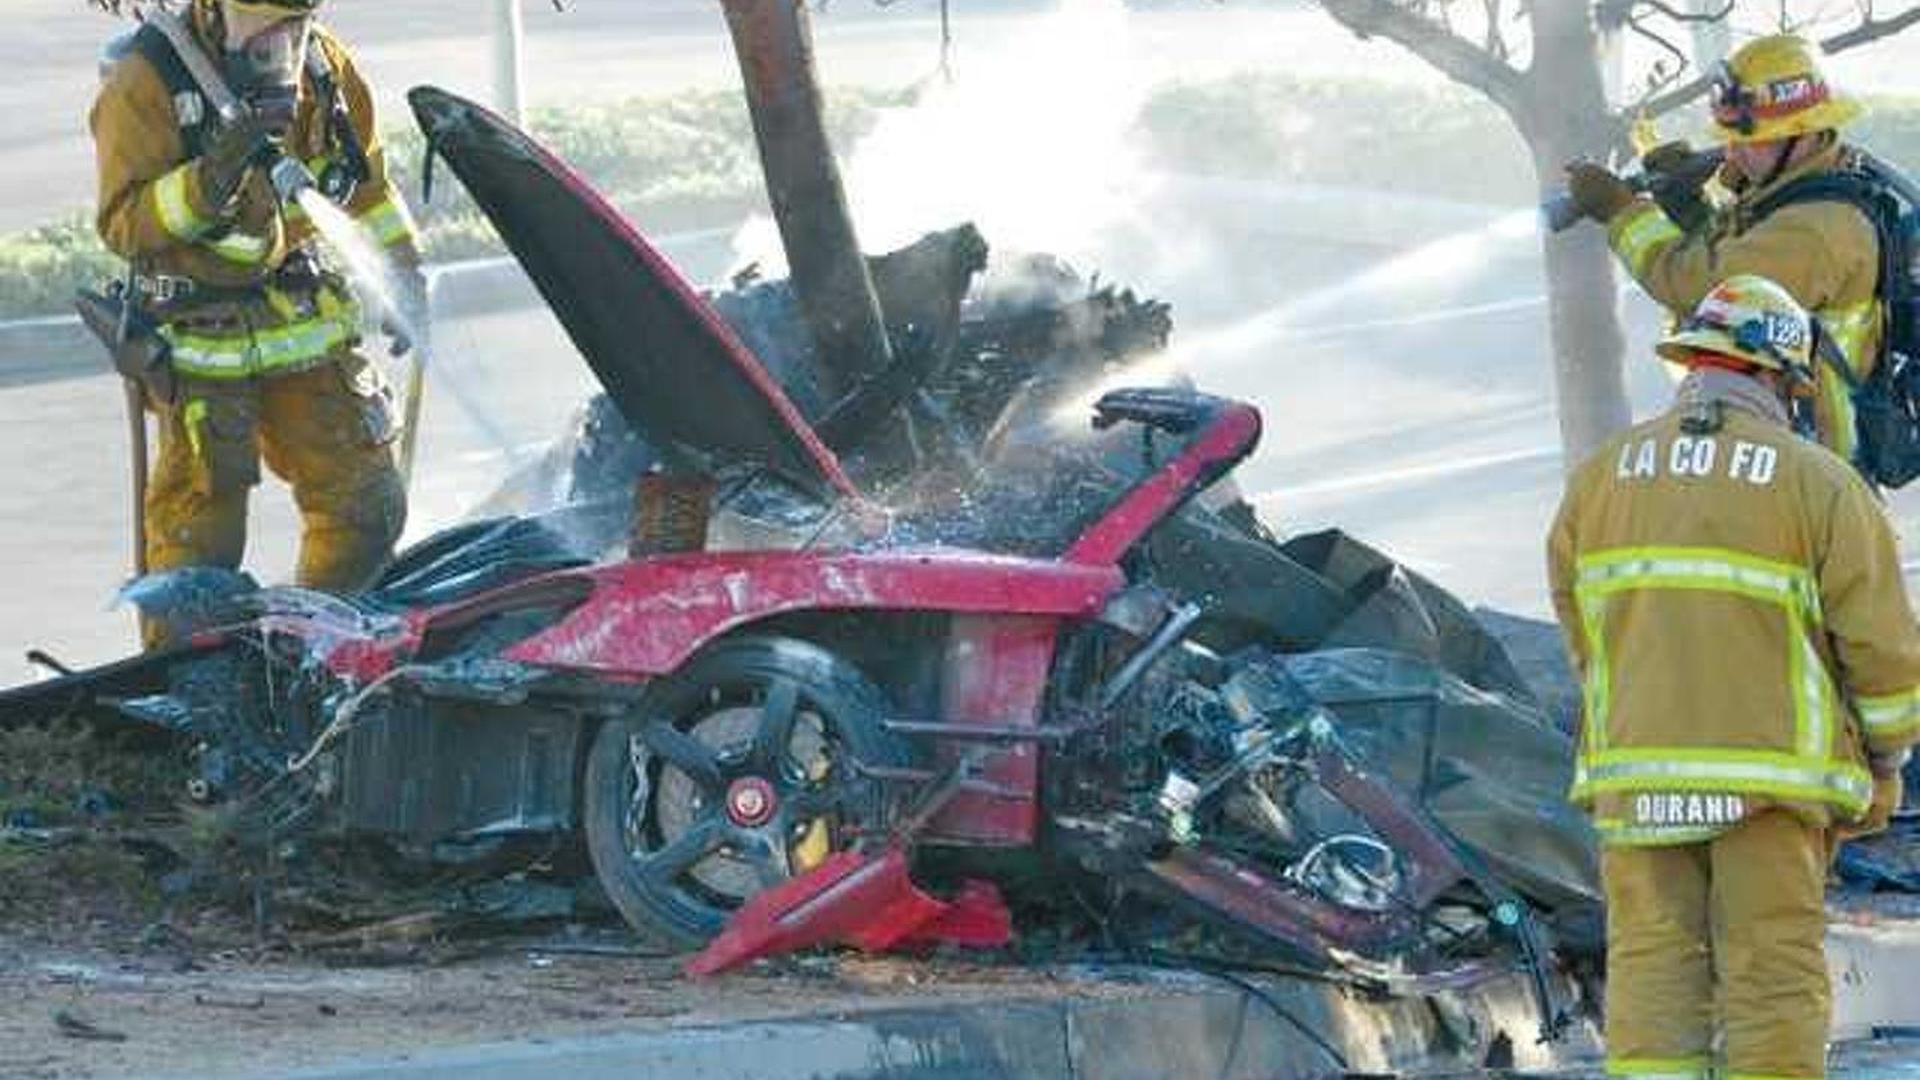 Paul walker dies in porsche carrera gt accident publicscrutiny Images